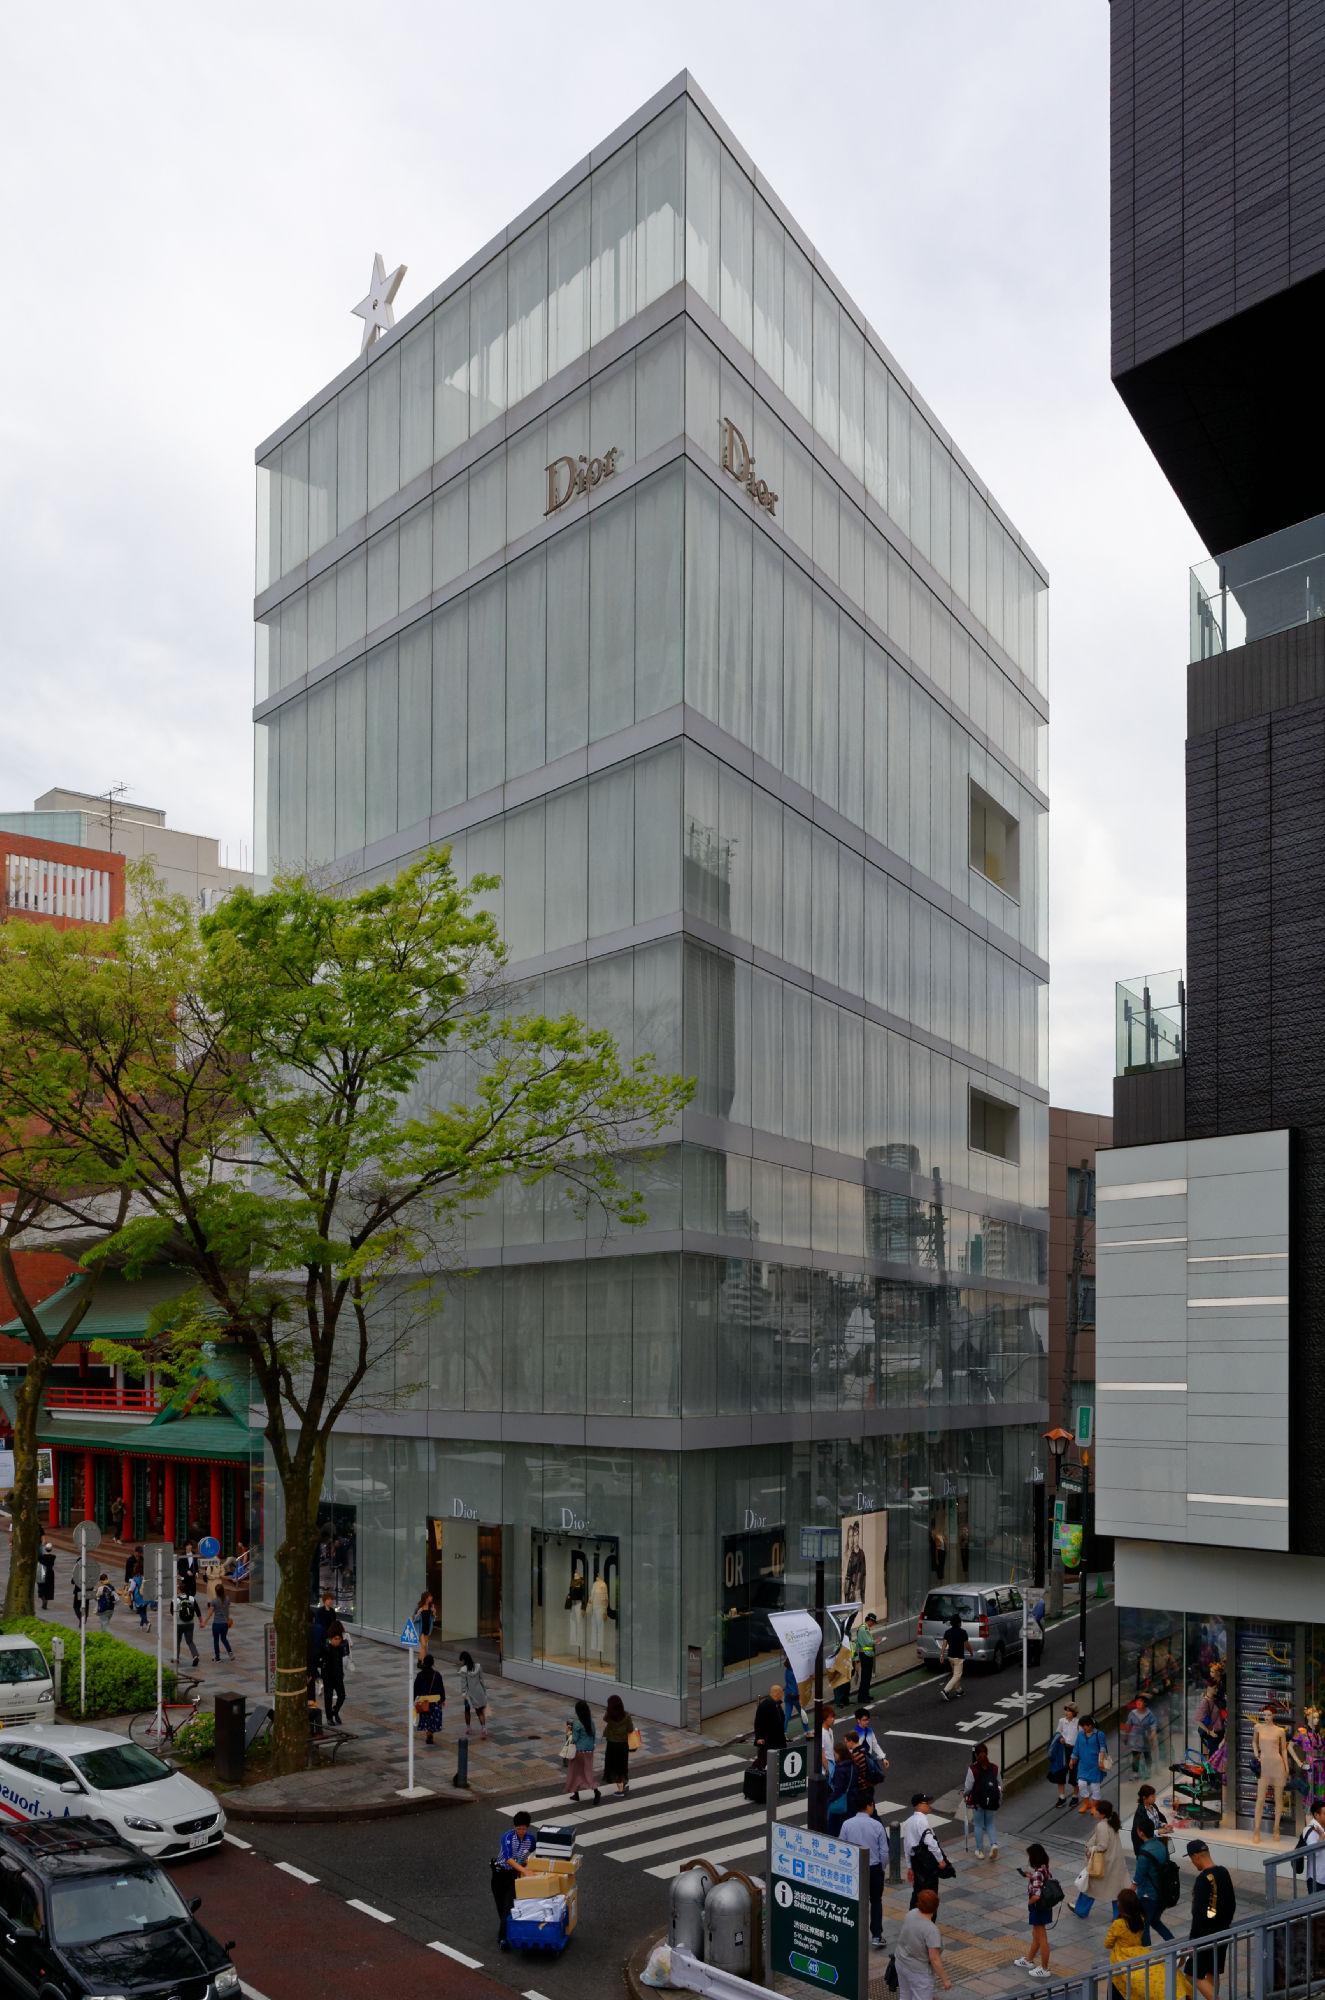 2017-04-18 16-25-04 Tokio